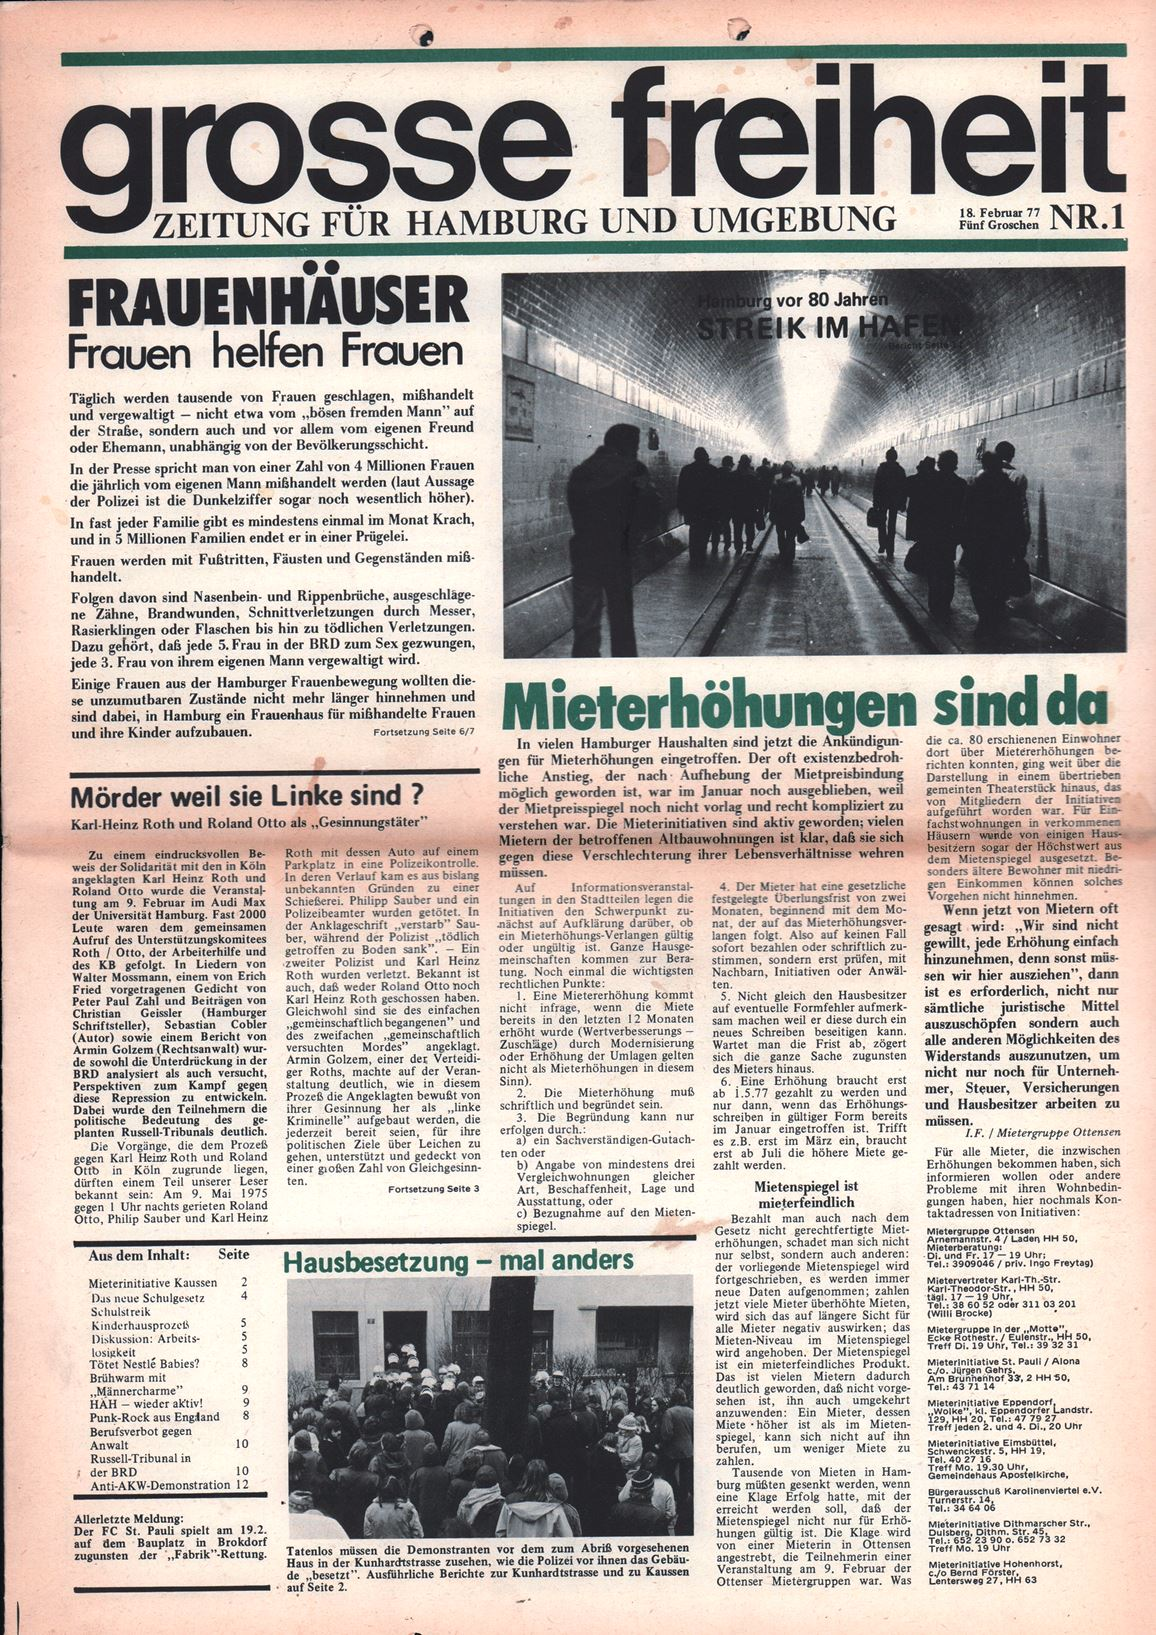 Hamburg_Grosse_Freiheit013